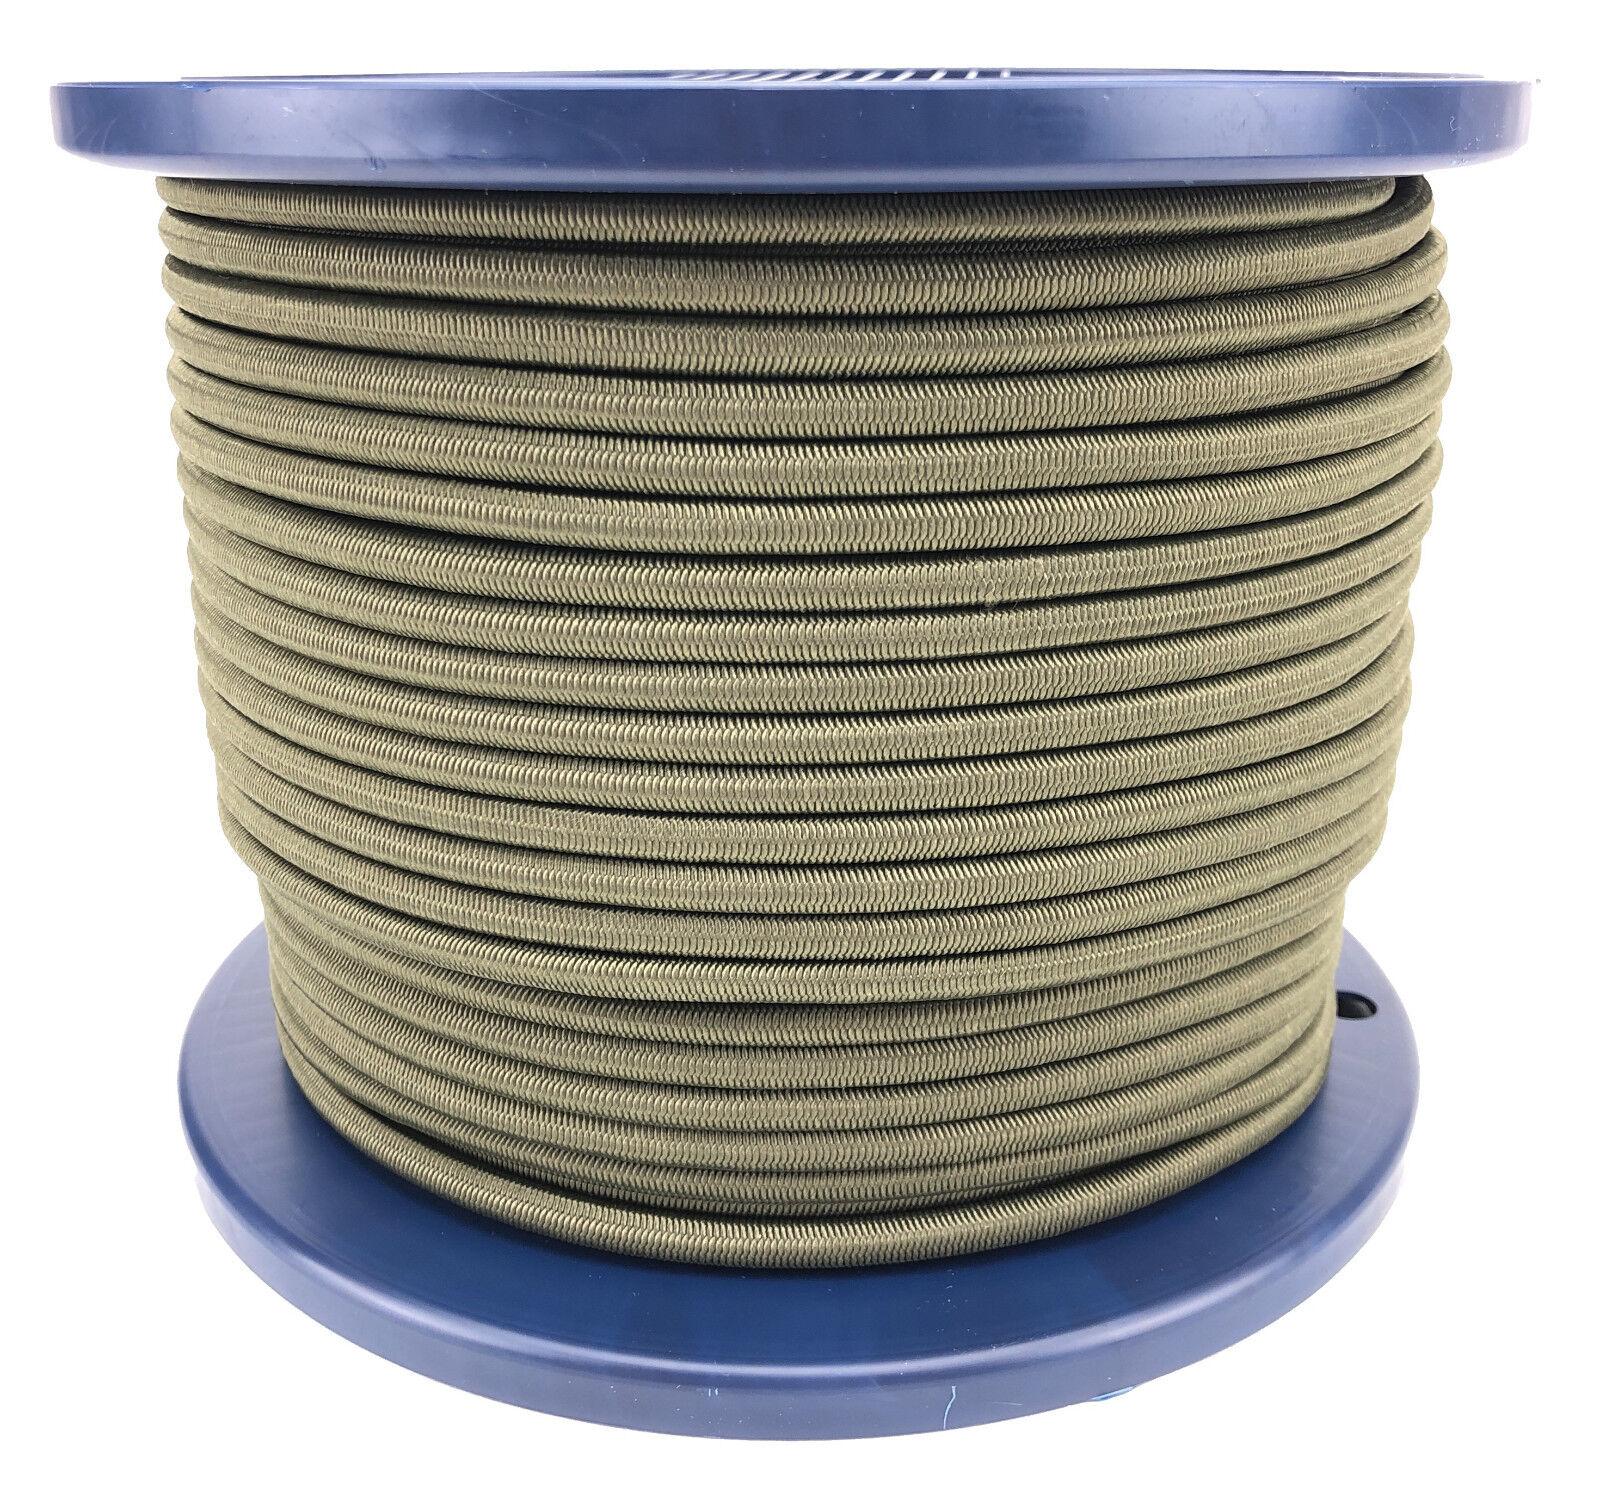 5mm Olive Elastischer Gummizug Seil X 50 Meter, Krawatte Unten Heavy Duty   | Zu verkaufen  | Verschiedene Arten Und Die Styles  | Vielfältiges neues Design